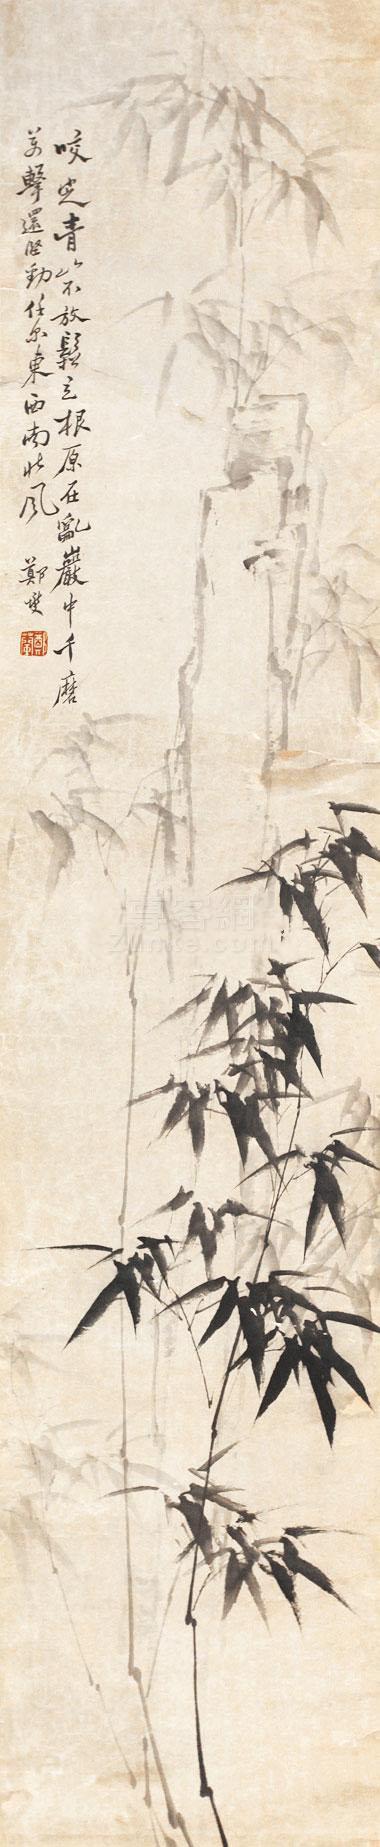 郑板桥 墨竹 立轴作品欣赏